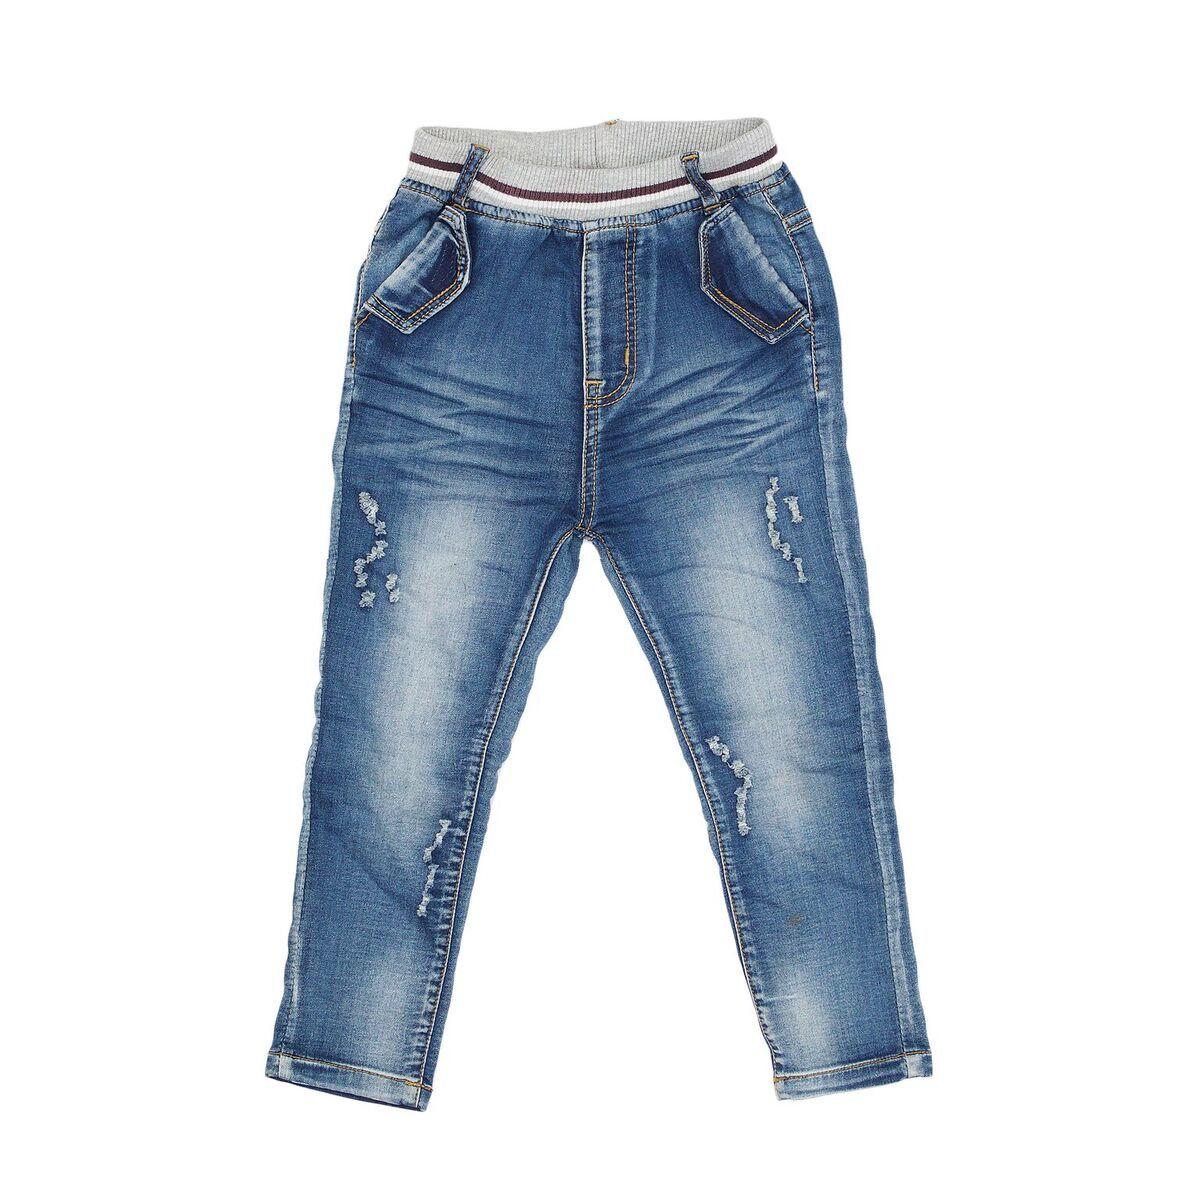 B+L Denim Jeans